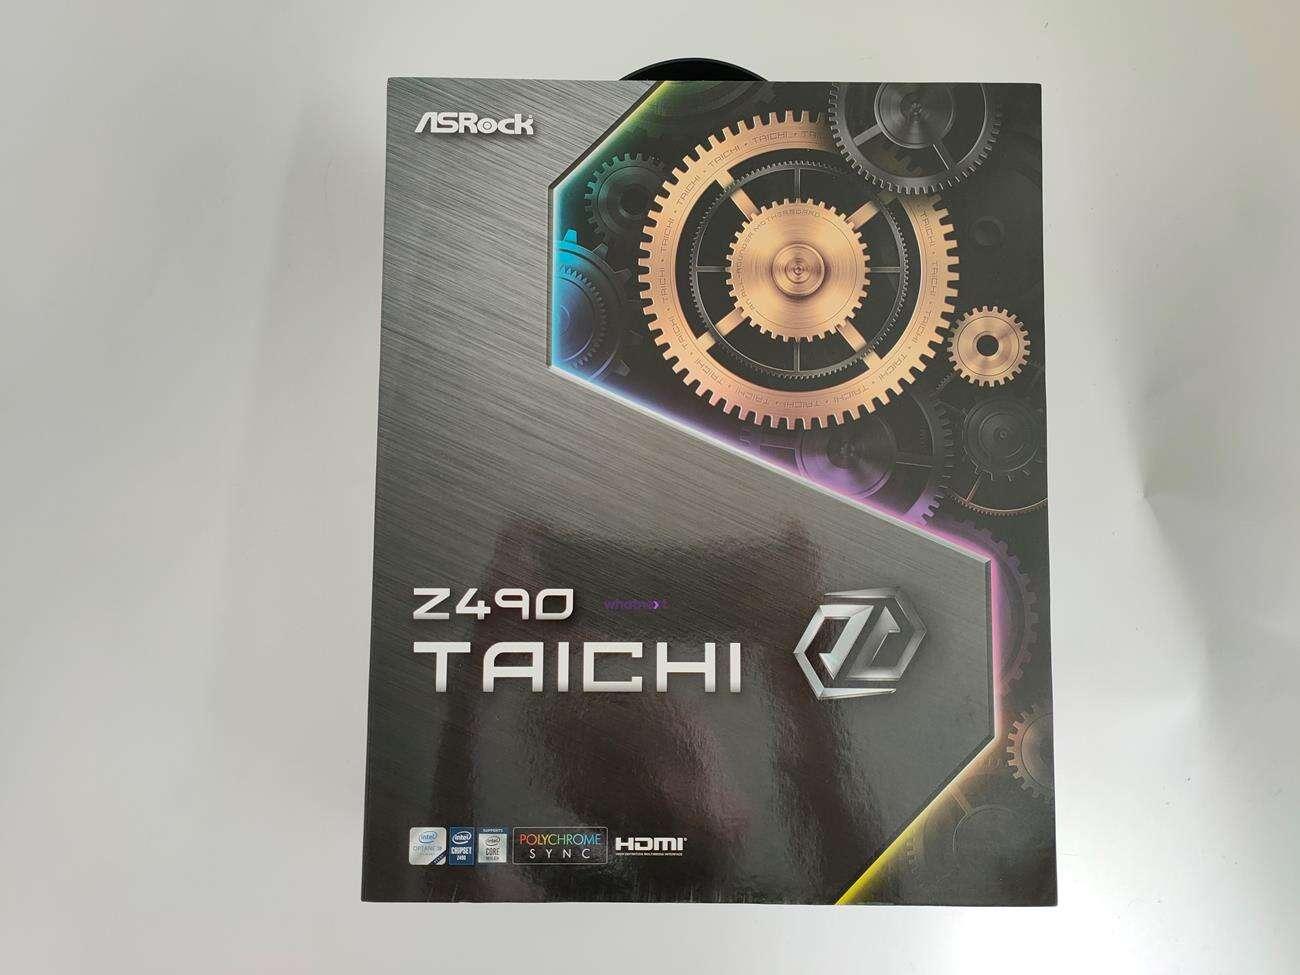 asrock z490 taichi, test asrock z490 taichi, recenzja asrock z490 taichi, review asrock z490 taichi, opinia asrock z490 taichi